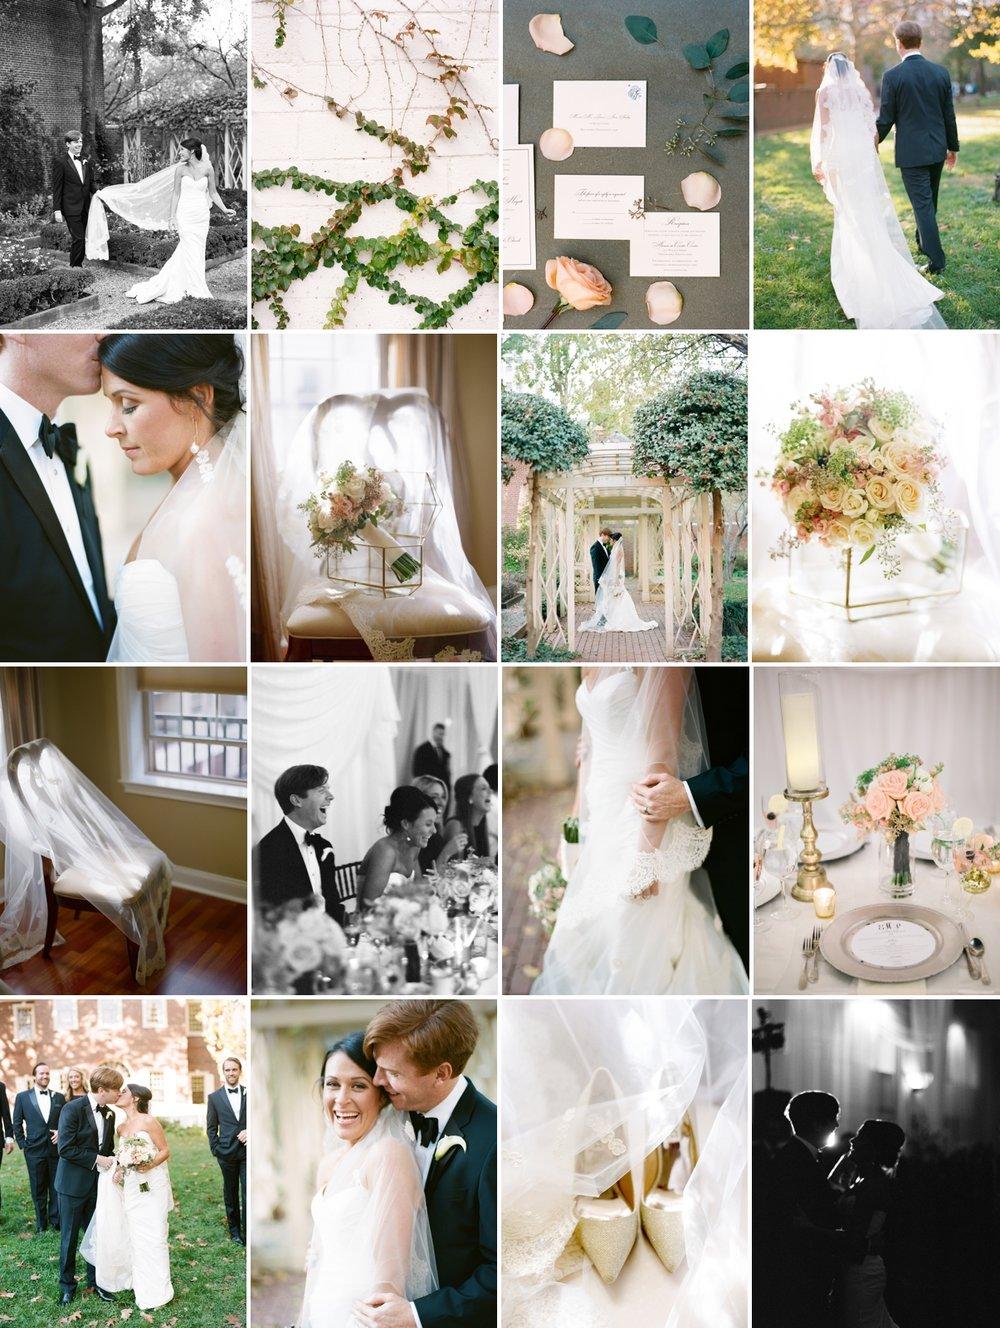 rosemary_beach_wedding_photographer_shannon_griffin_0016.jpg